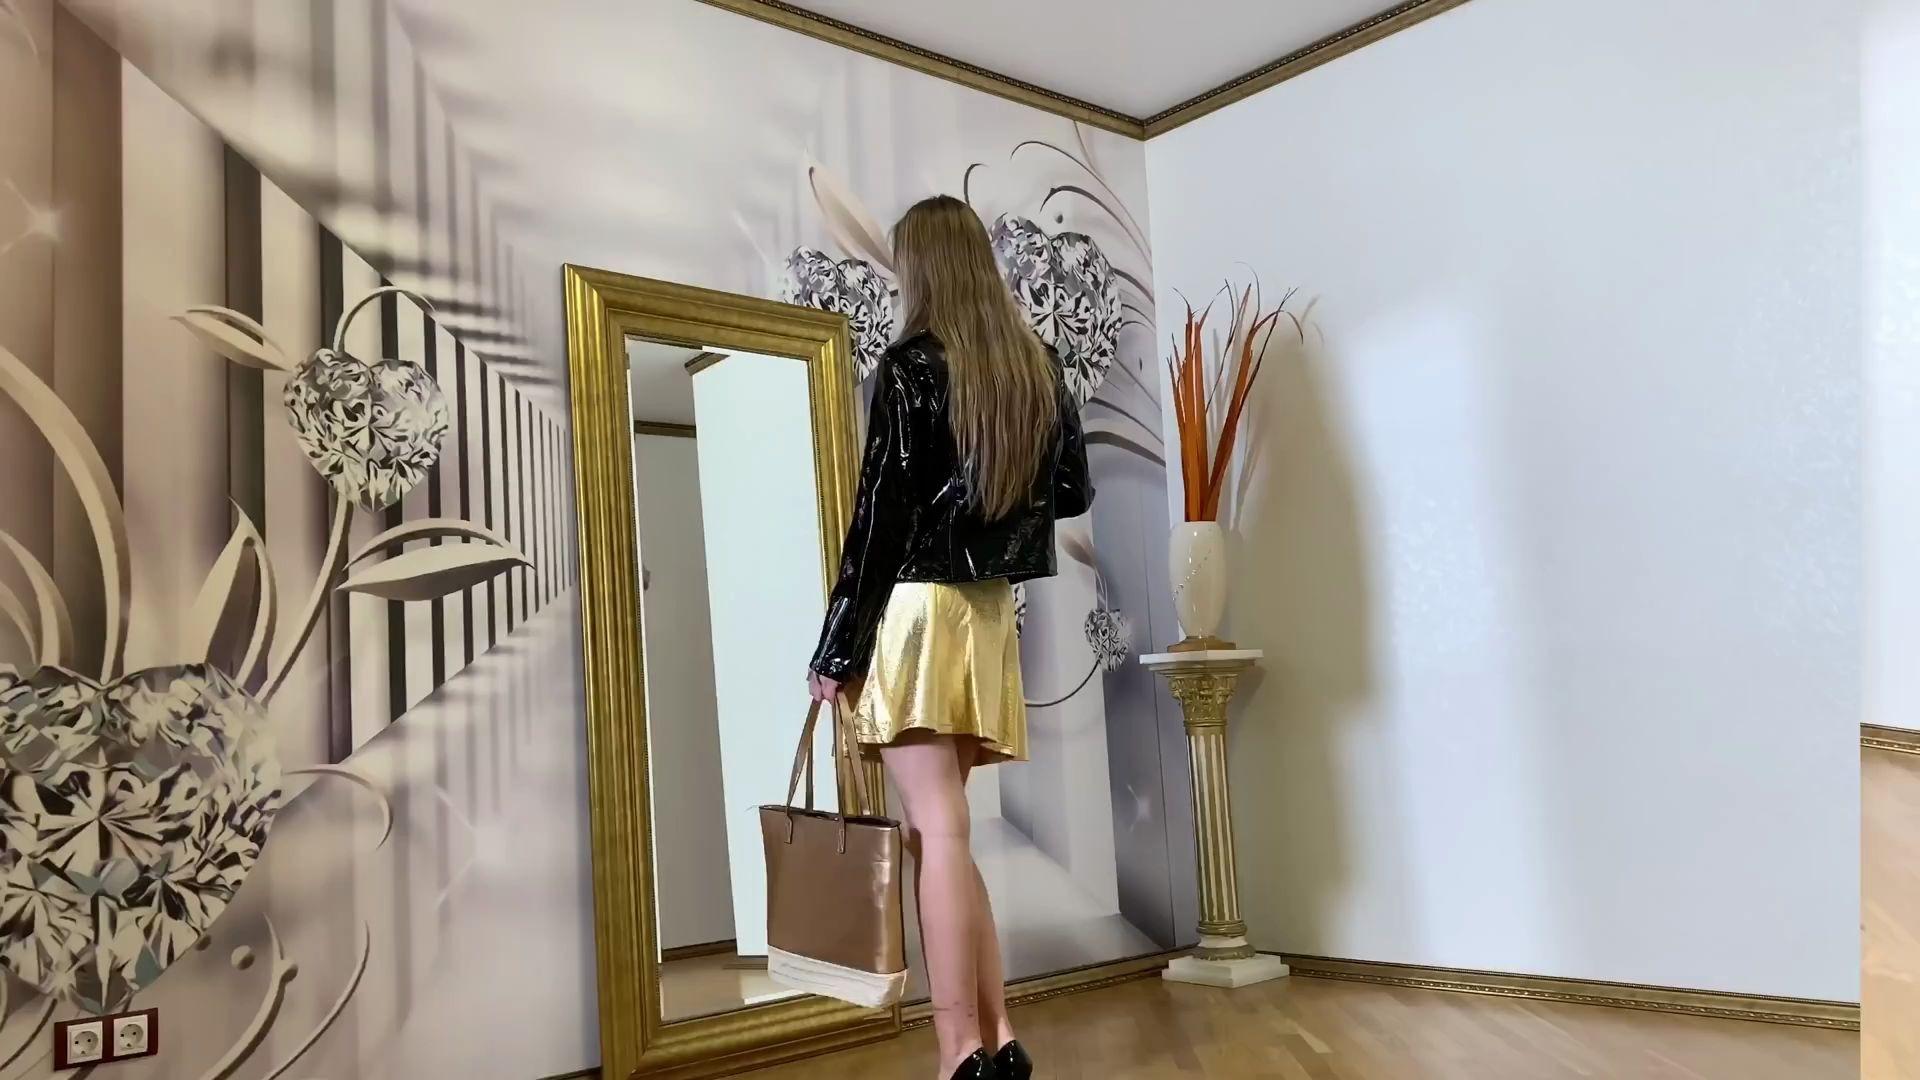 俄罗斯体操小美女模特Josephine的高跟鞋写真摄影